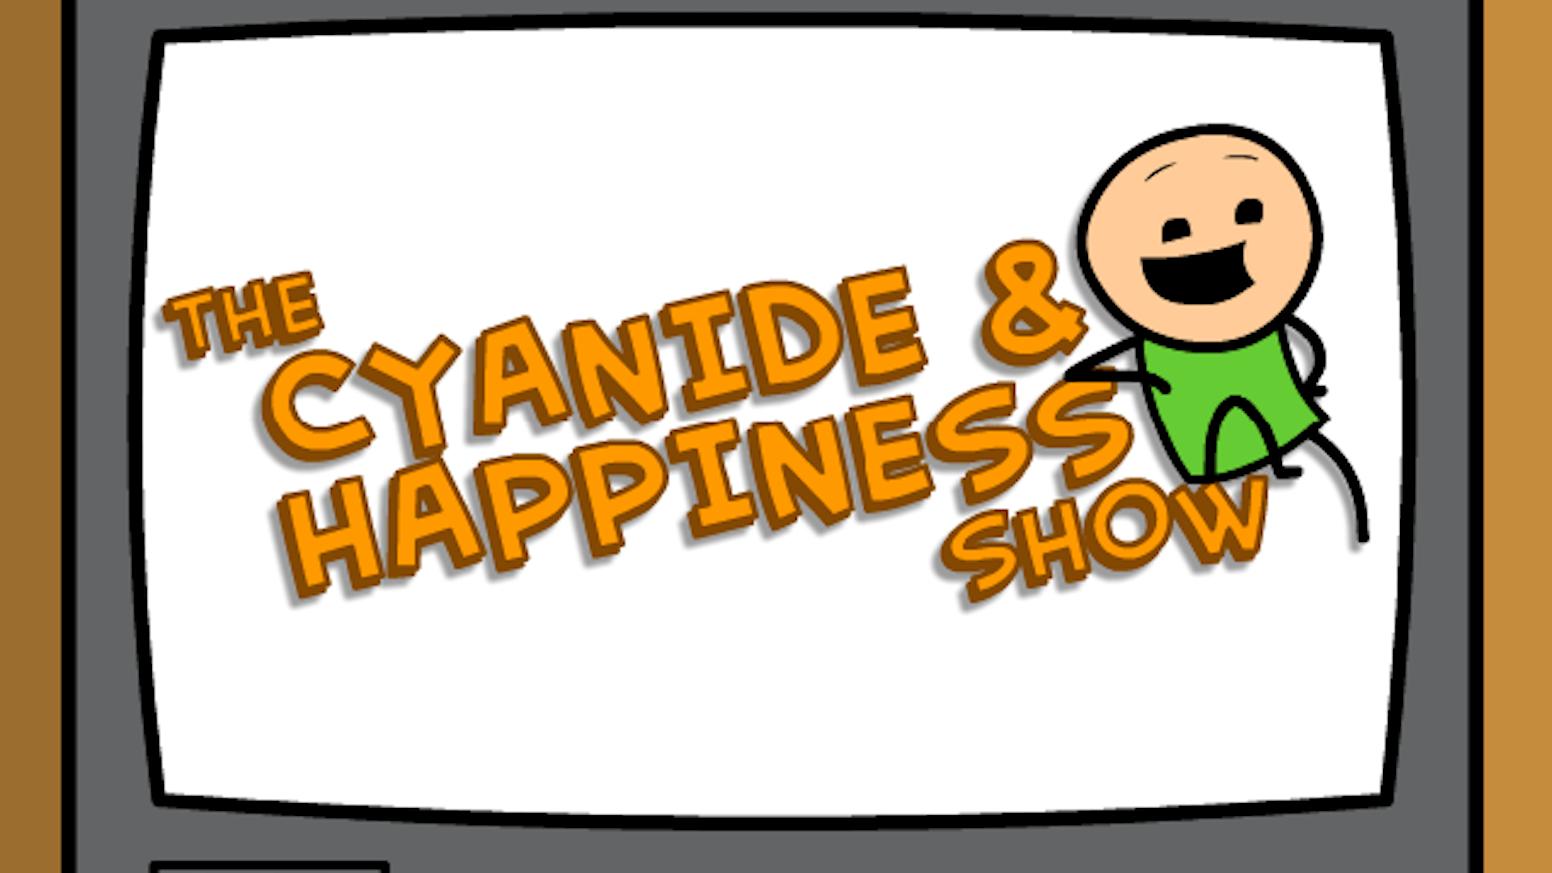 the cyanide & happiness show by kris, rob, matt & dave — kickstarter